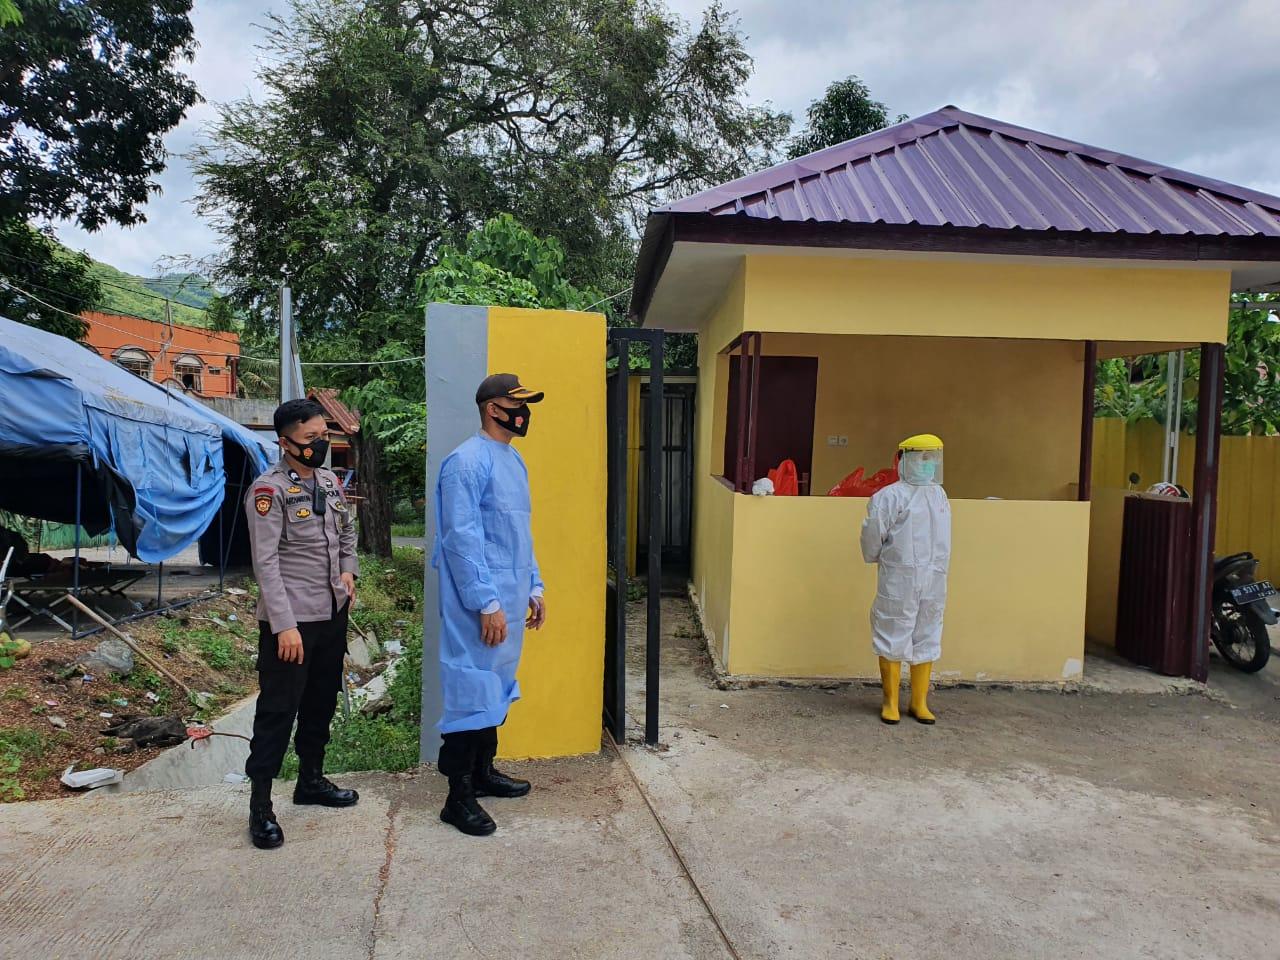 Kapolres Soppeng Peduli Terhadap Personil Polri yang Sakit